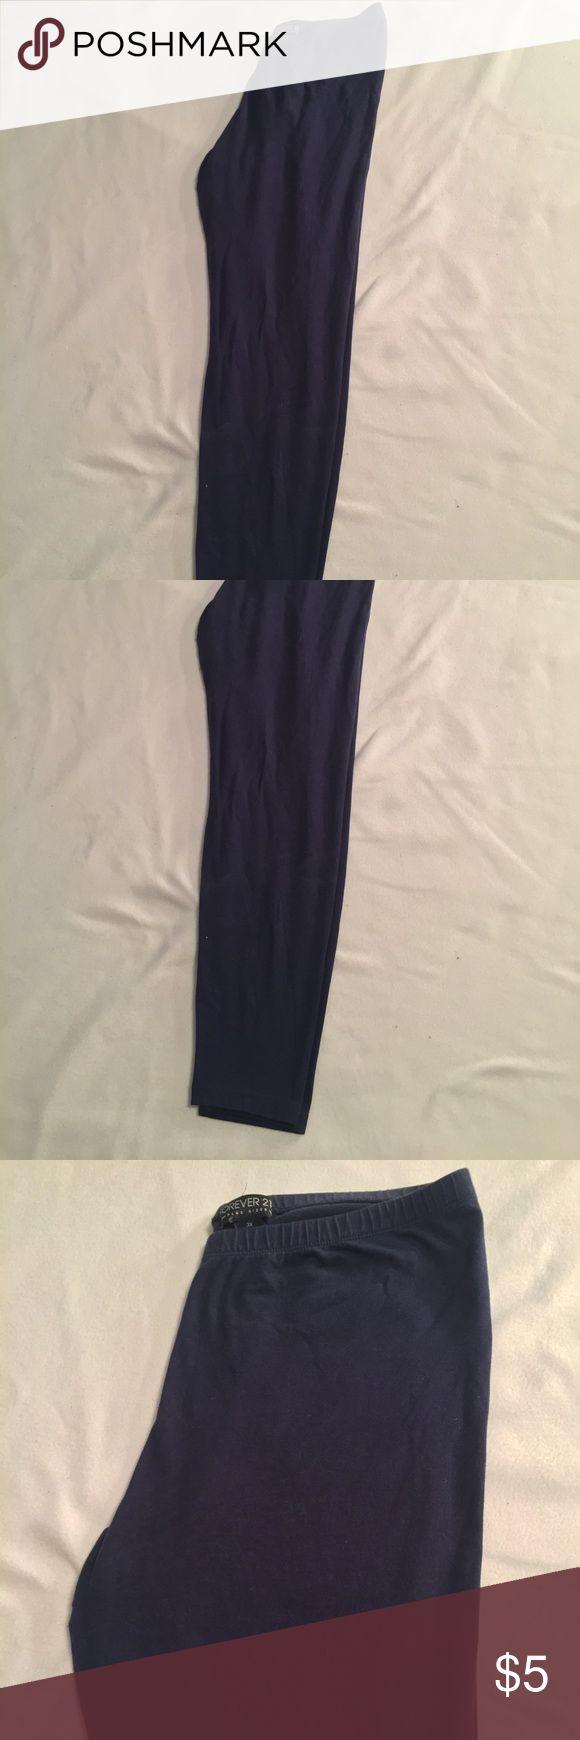 Forever 21 navy blue leggings Forever 21 navy blue leggings. Size 3X Forever 21 Pants Leggings